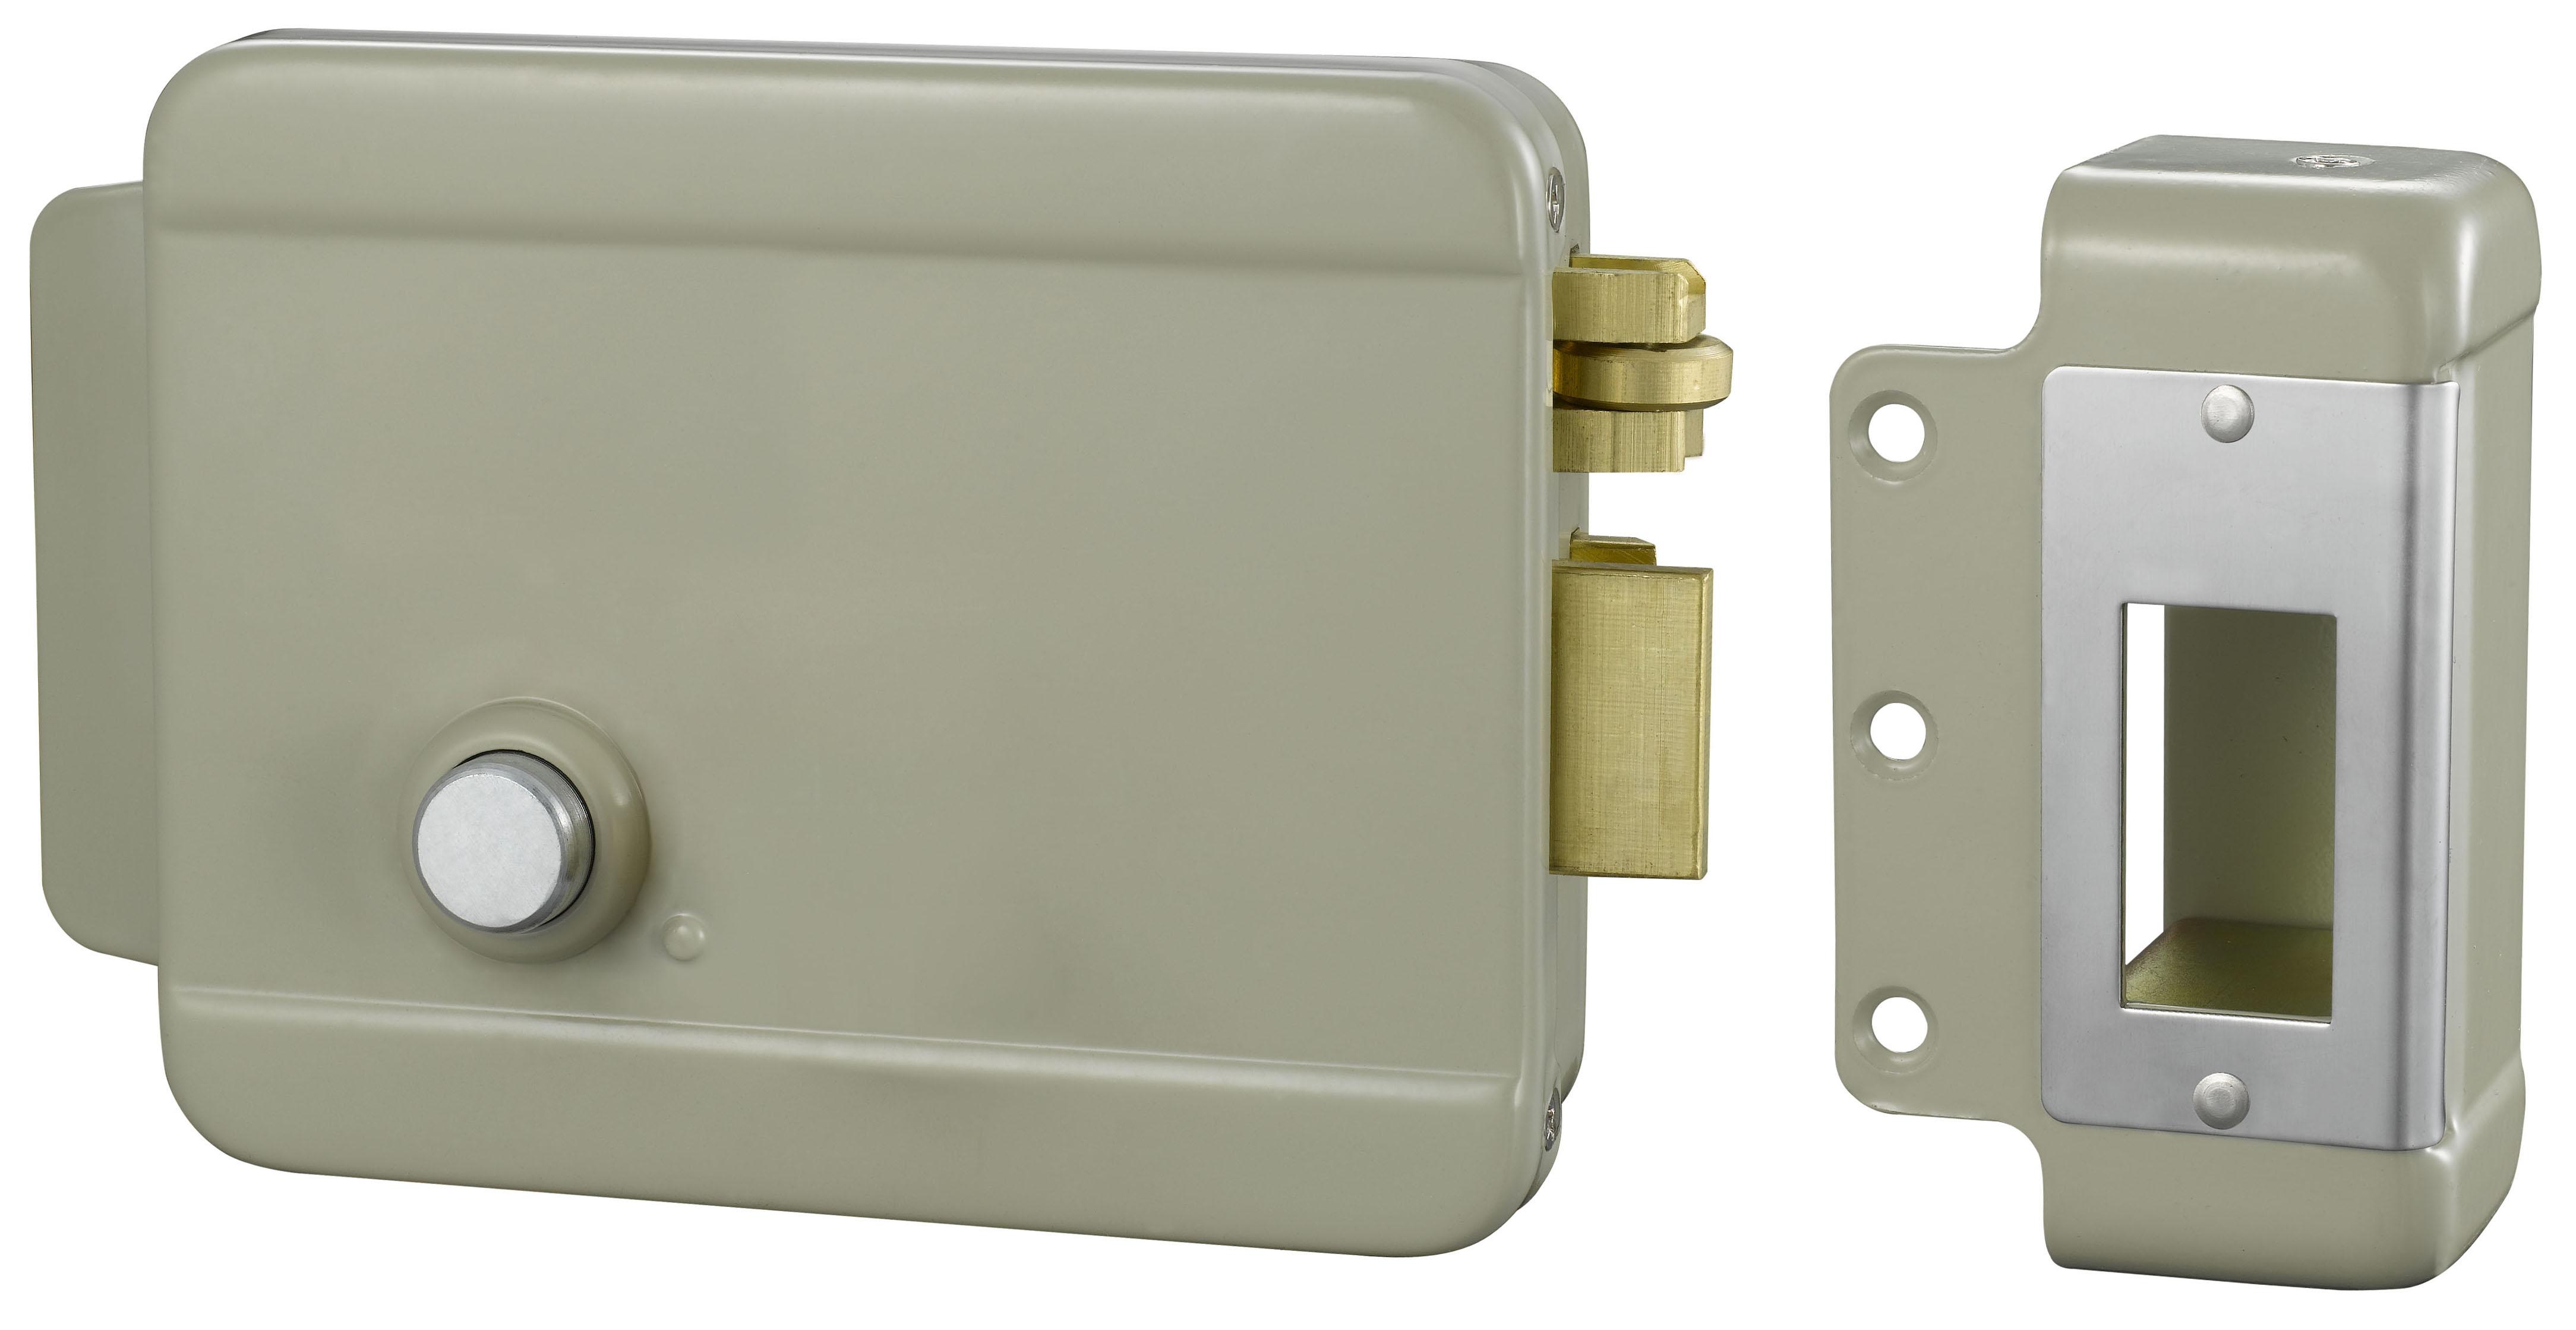 Новый электромеханический замок на калитку Smartec ST-RL073SI-GR с диапазоном рабочихтемператур до -40°С